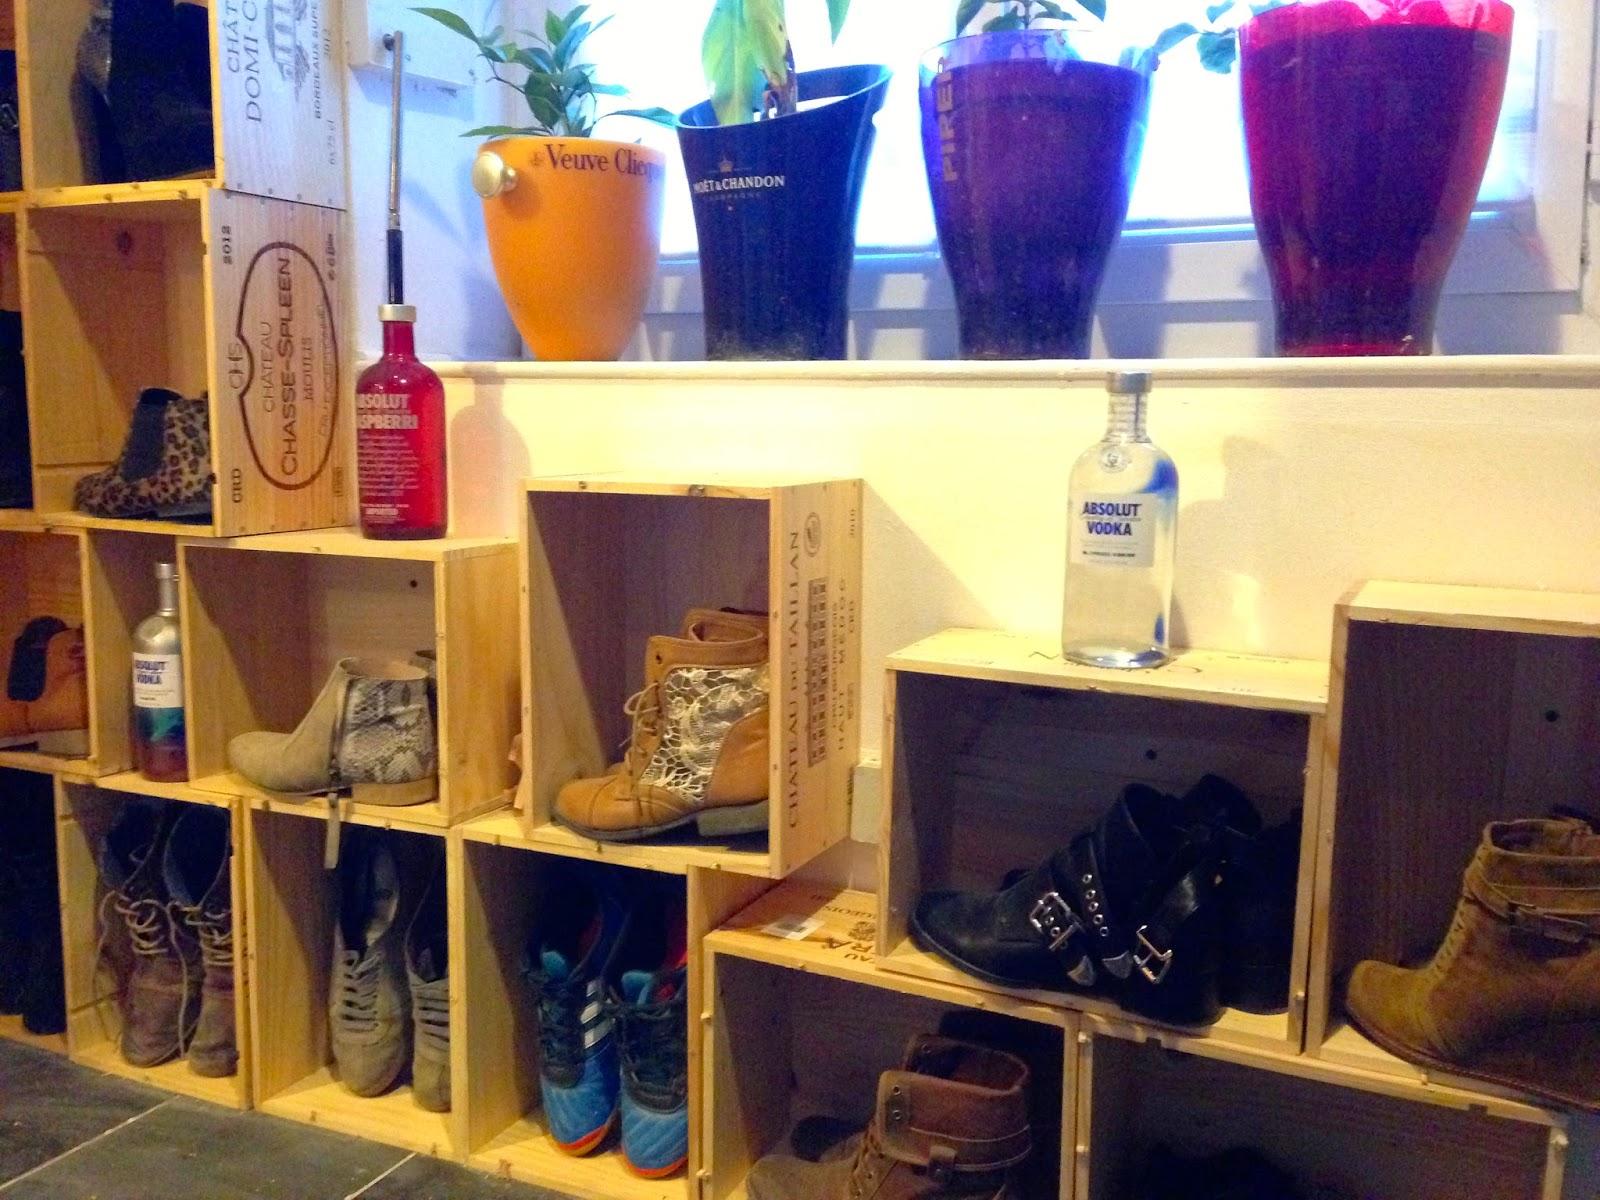 Etag re chaussures en caisses de vin caract rielle - Ou acheter des caisses en bois ...